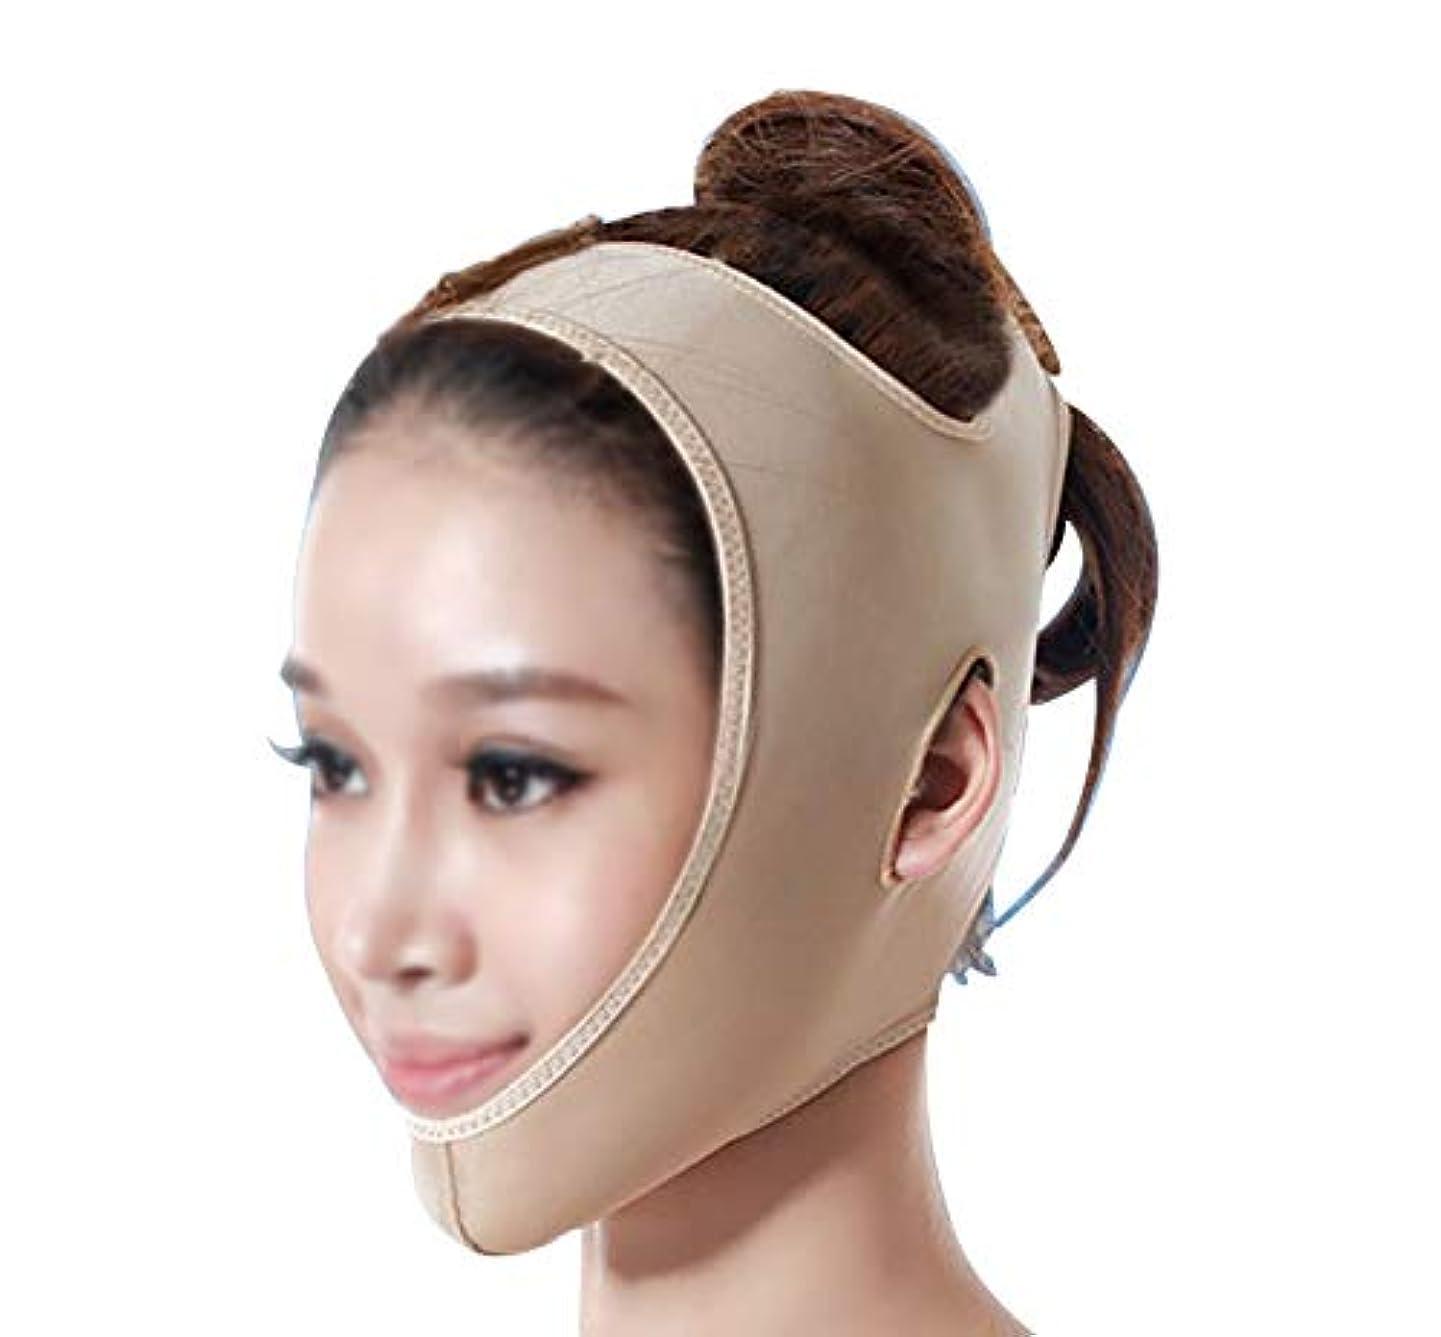 サーキットに行くマリナー助けになるTLMY 引き締めマスクマスク美容薬マスク美容V顔包帯ライン彫刻引き締めしっかりダブルチンマスク 顔用整形マスク (Size : M)